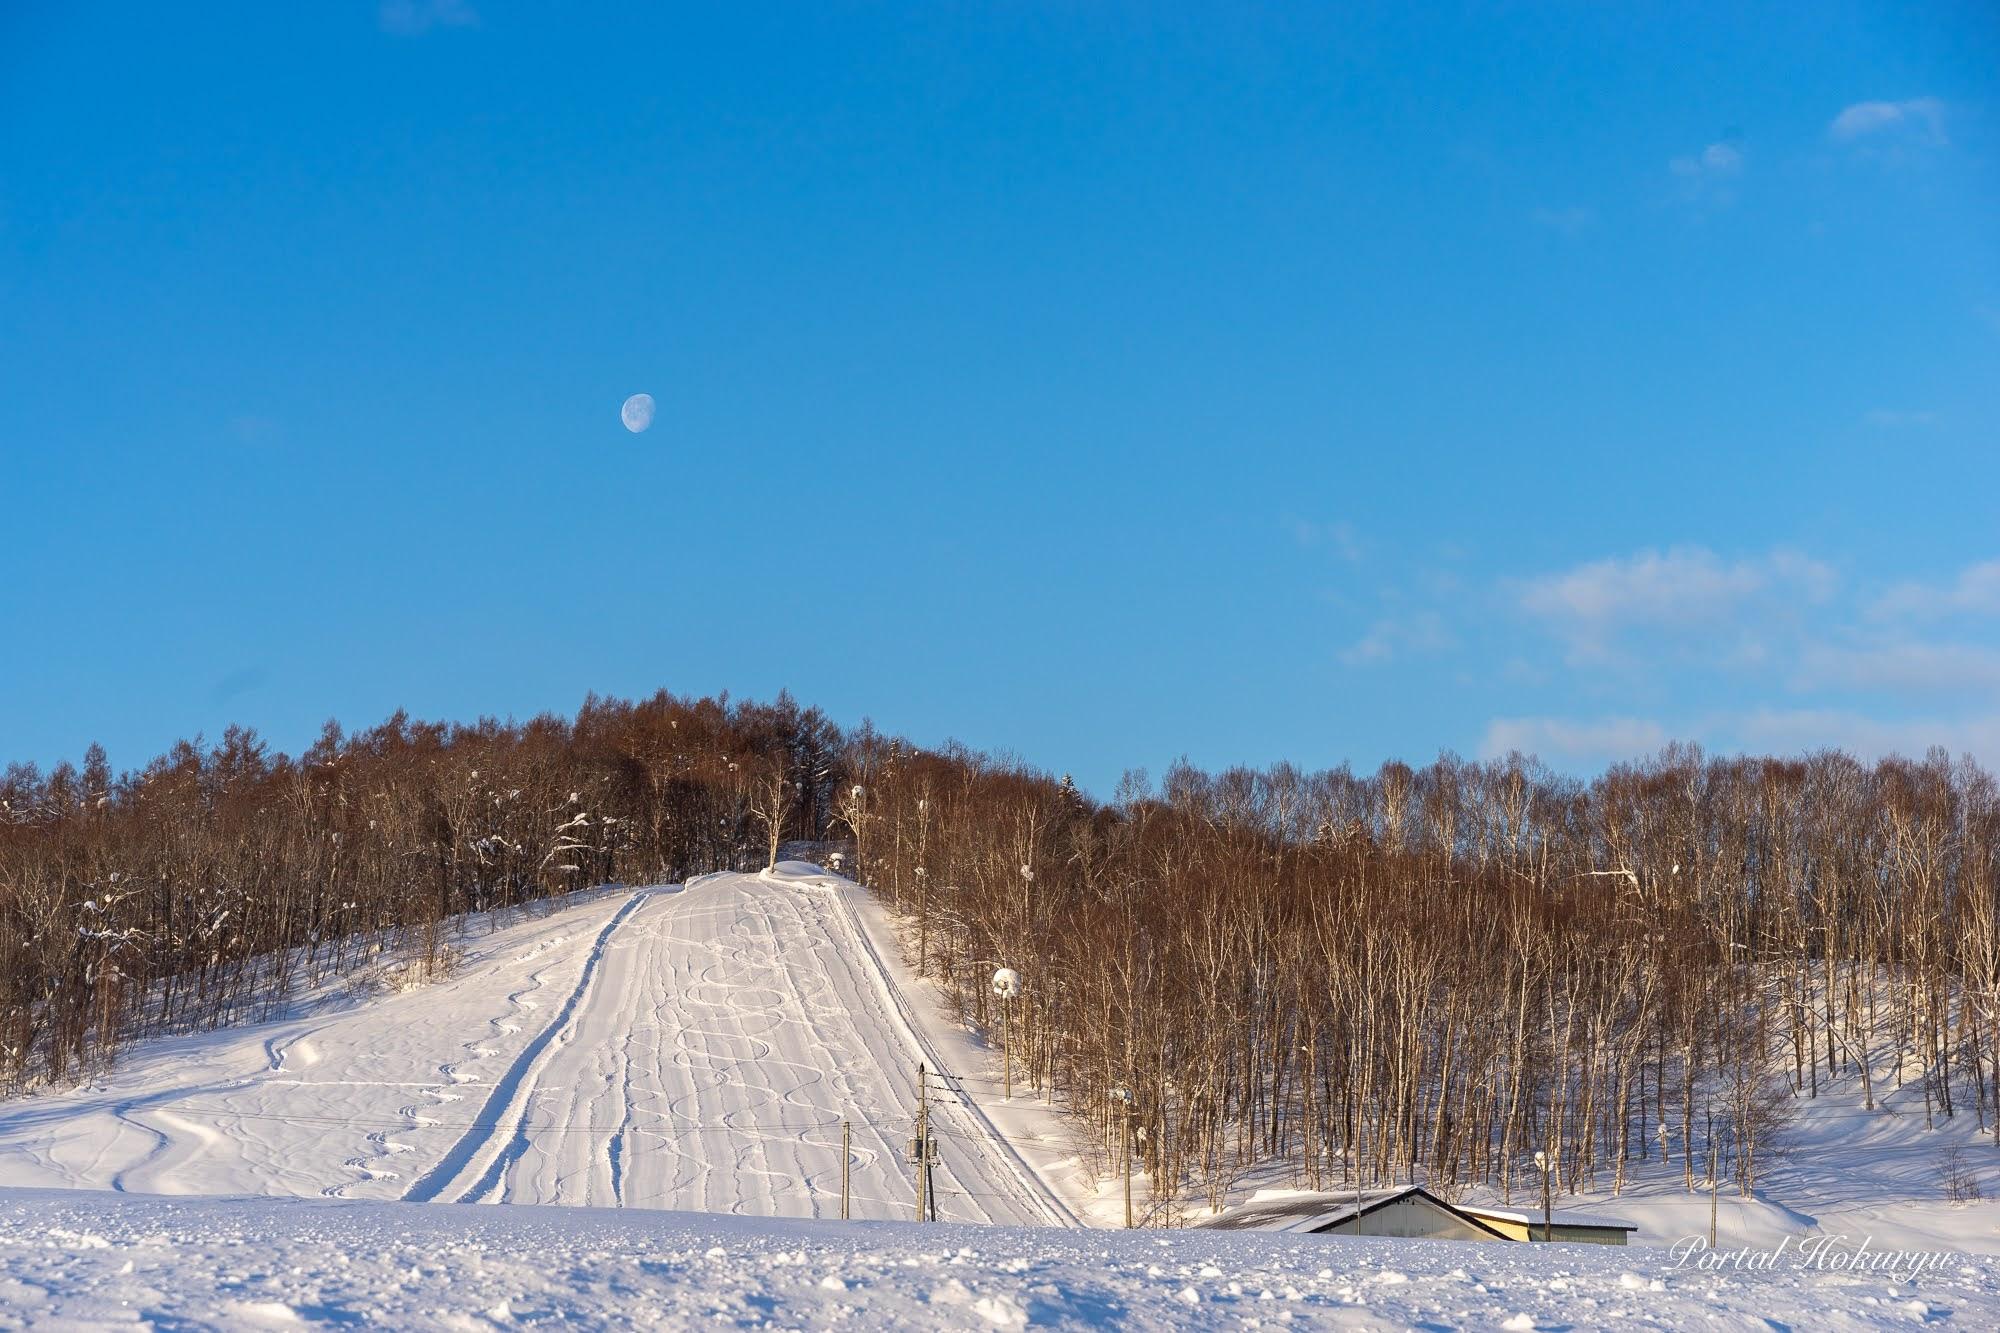 スキー場のシュプール模様